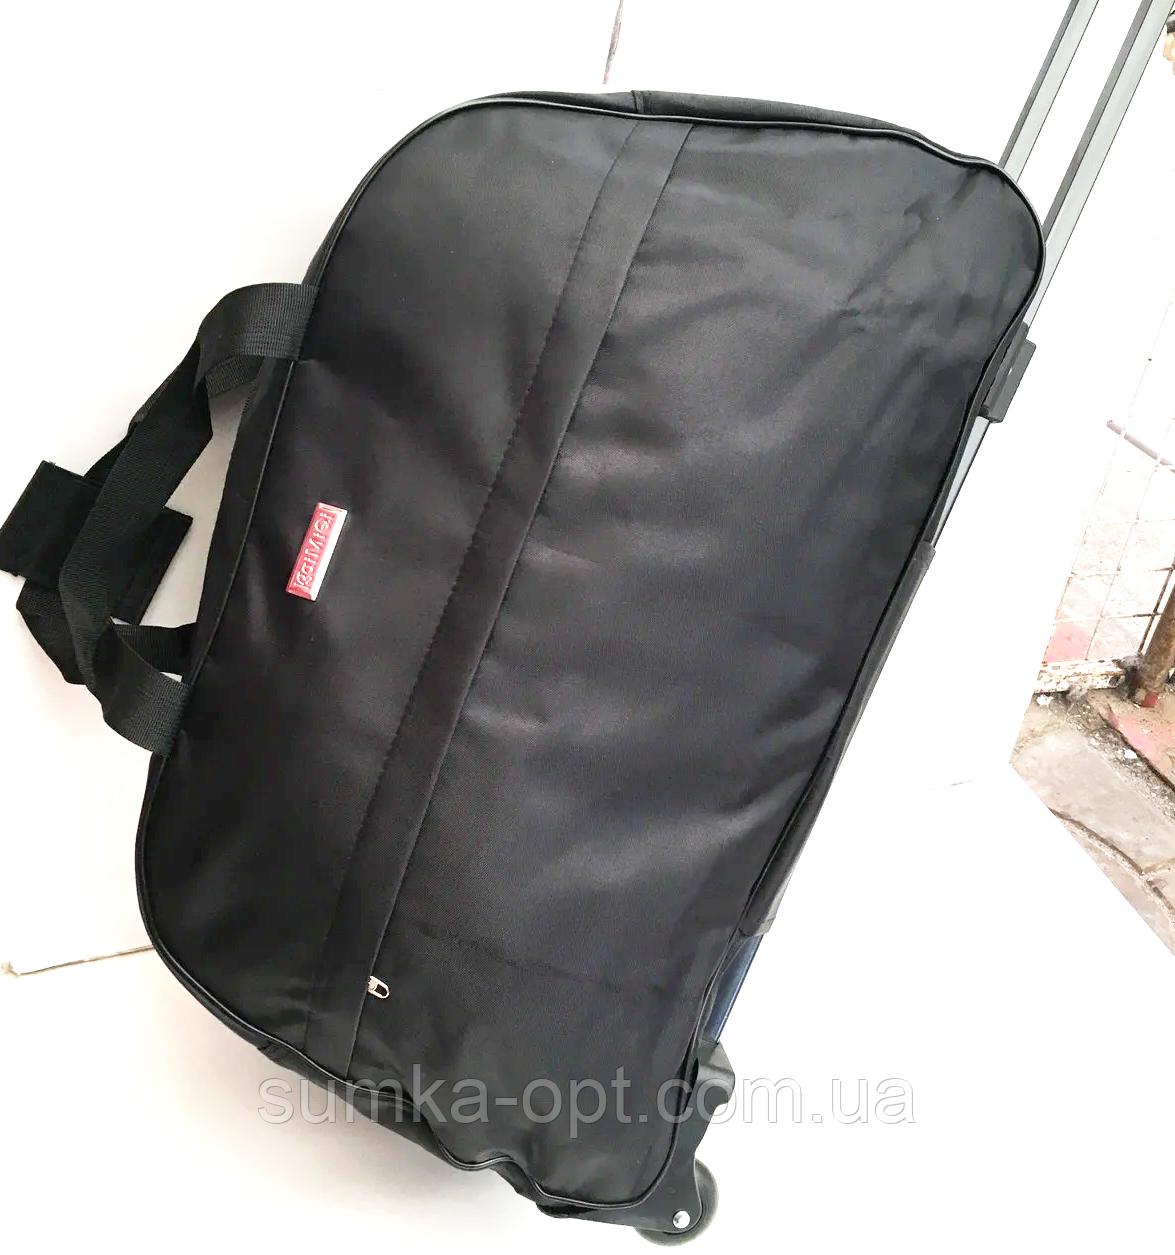 Дорожные сумки на колесах  с выдвижной ручкой (ЧЕРНЫЙ ГЛАДКИЙ)24х34х59см